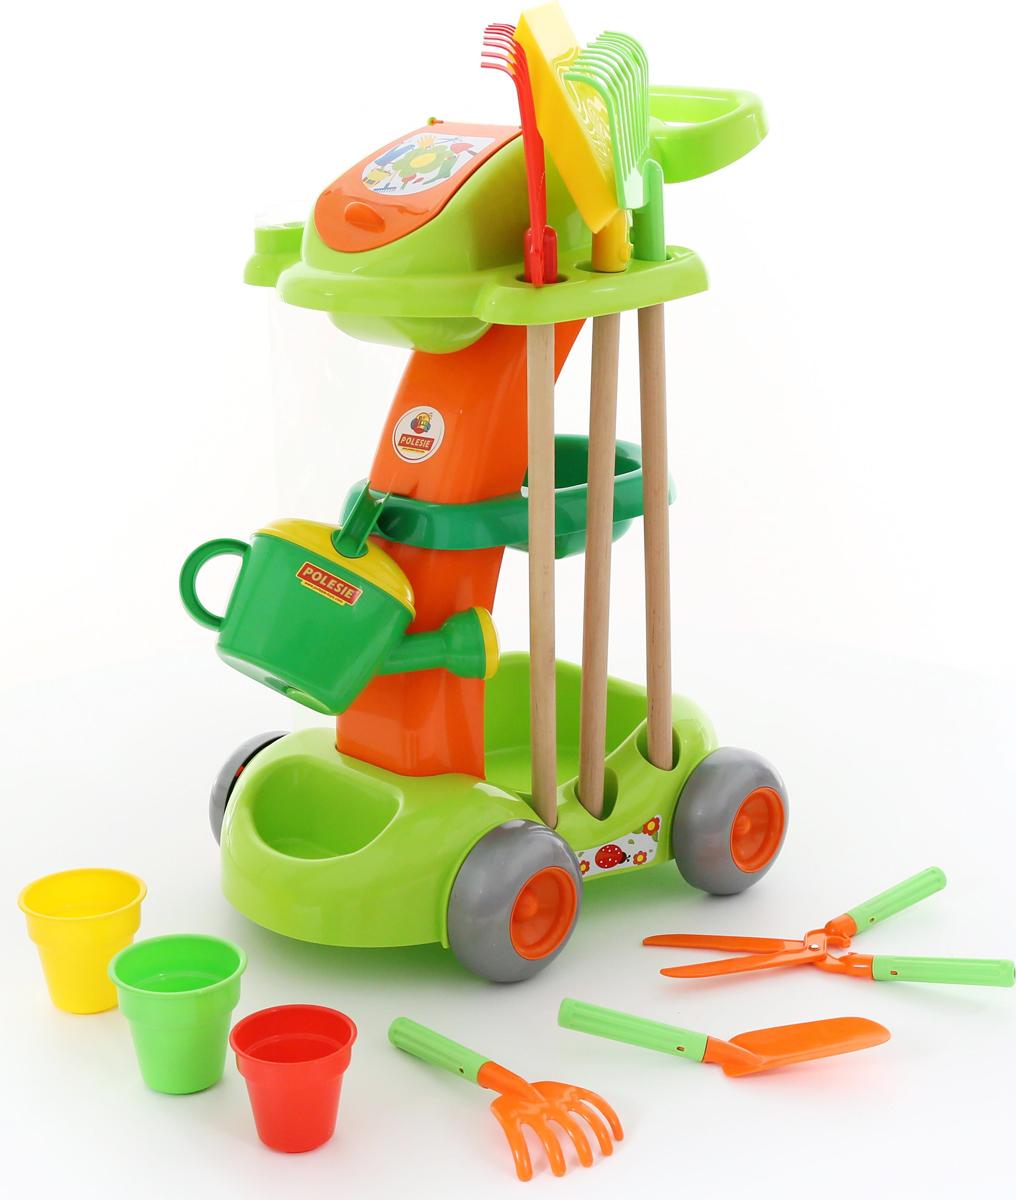 Полесье Набор игрушек для песочницы Садовый полесье набор игрушек для песочницы 73